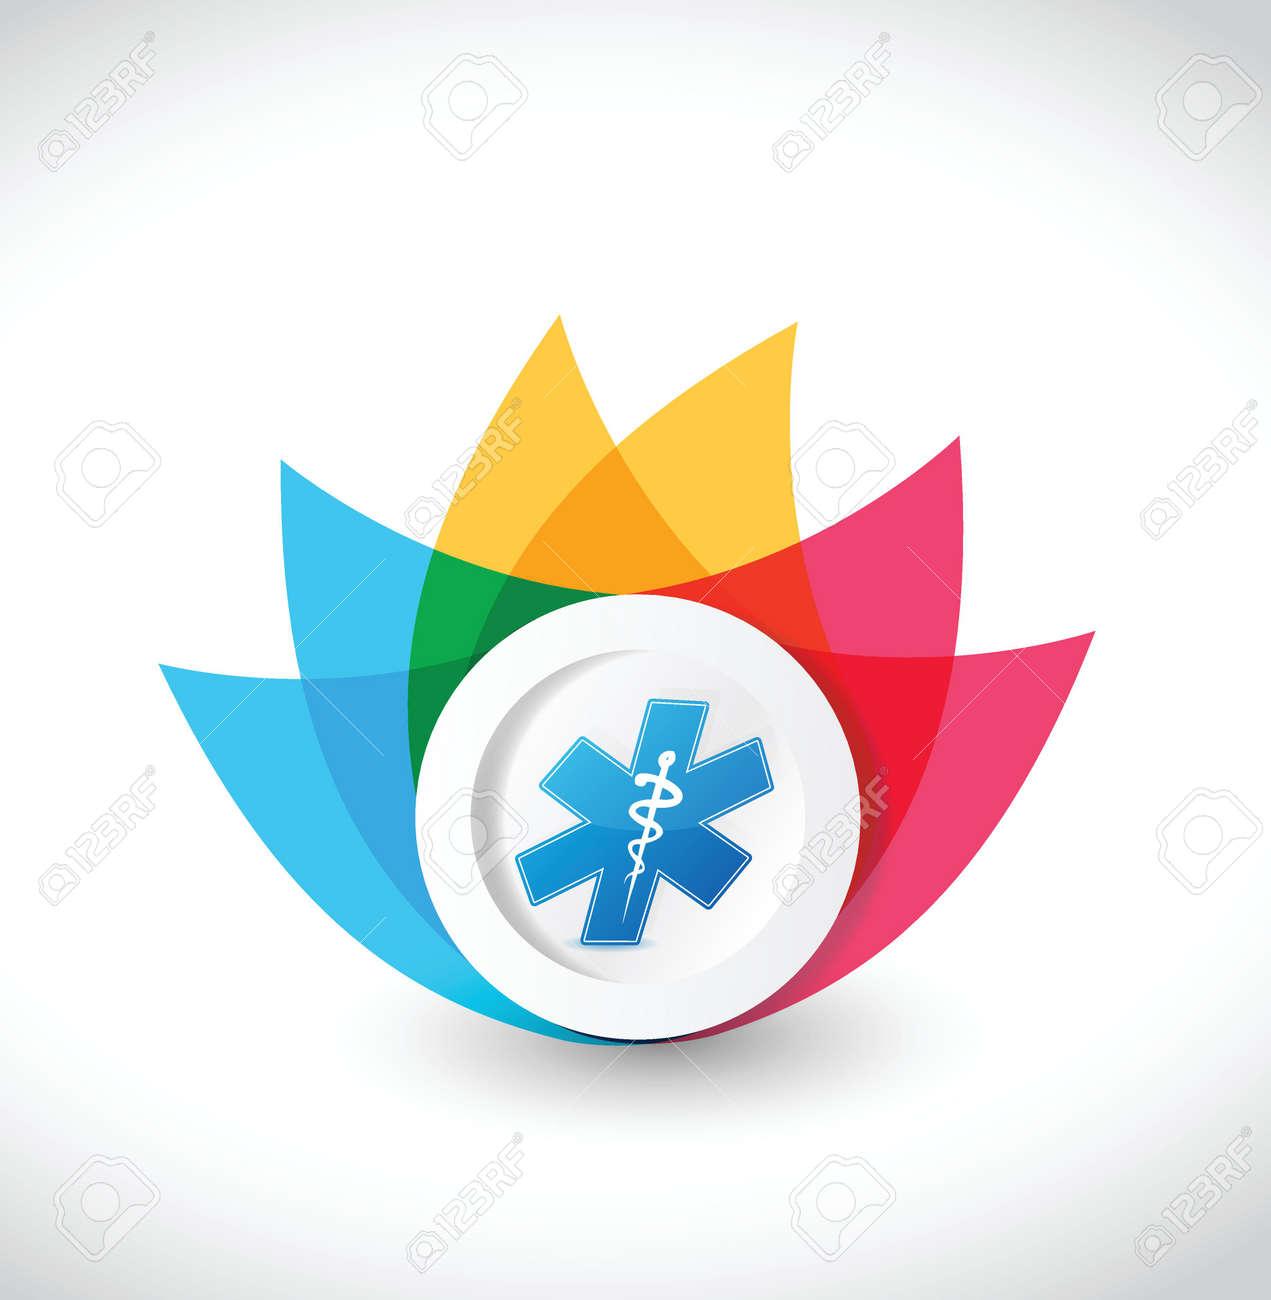 color medical flower illustration design over a white background Stock Vector - 23974409